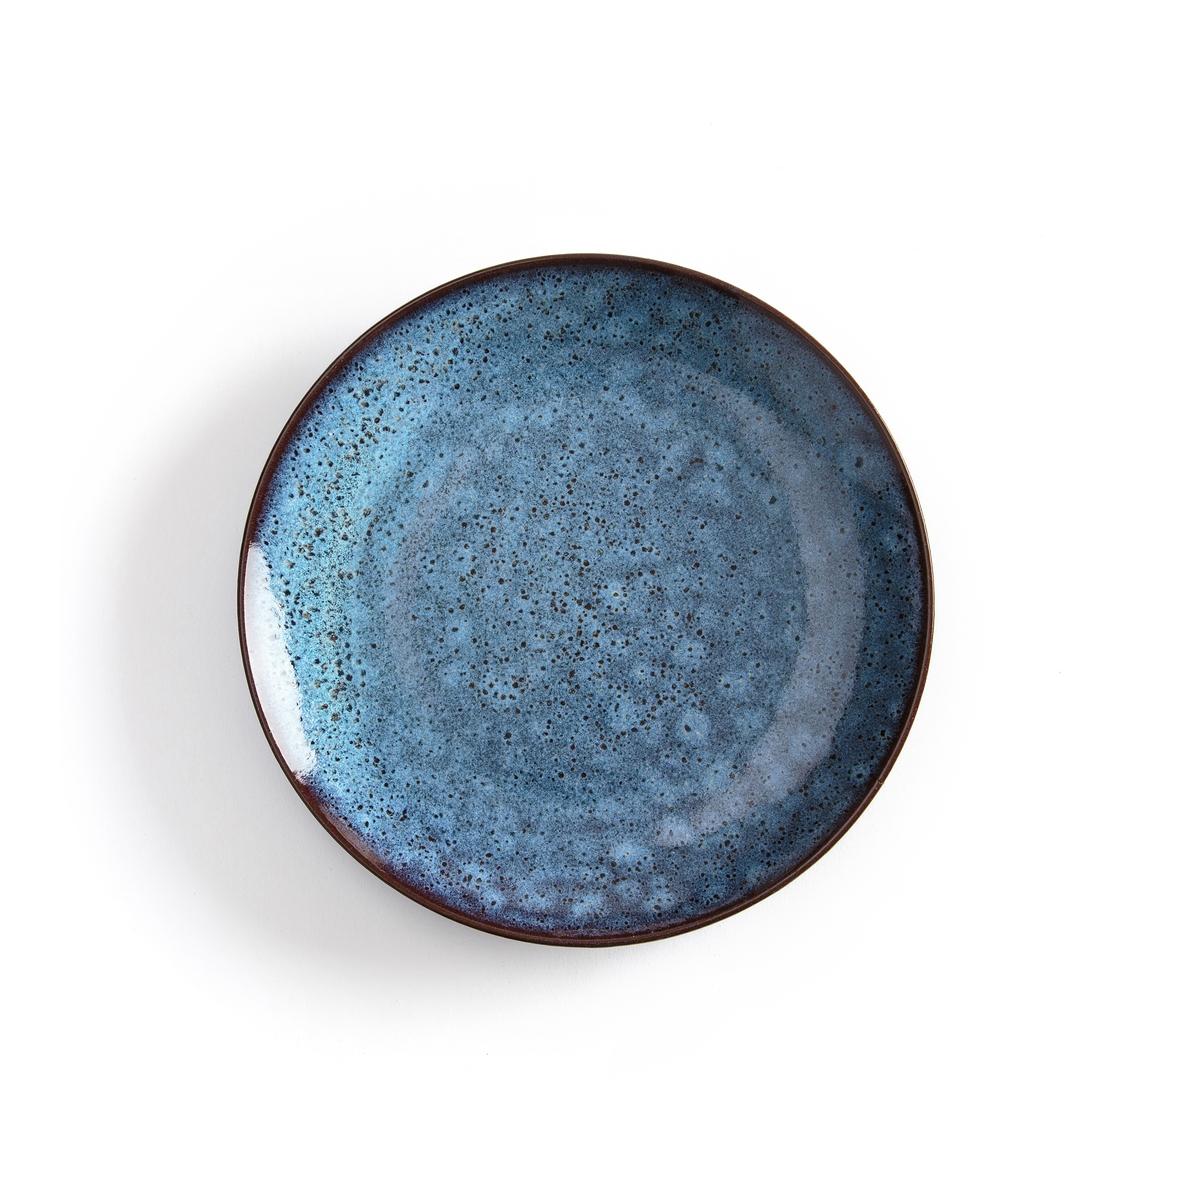 4 десертные тарелки из керамики, Pesgira4 десертные тарелки из керамики Pesgira . Очень красивый отражающий эффект, приддающий неоднородную поверхность тарелке  . Из эмалированной керамики . Ручная работа, каждое блюдо уникально. Подходит для мытья в посудомоечной машине. Размеры : ?22 x H2 см .<br><br>Цвет: каштановый / синий<br>Размер: единый размер